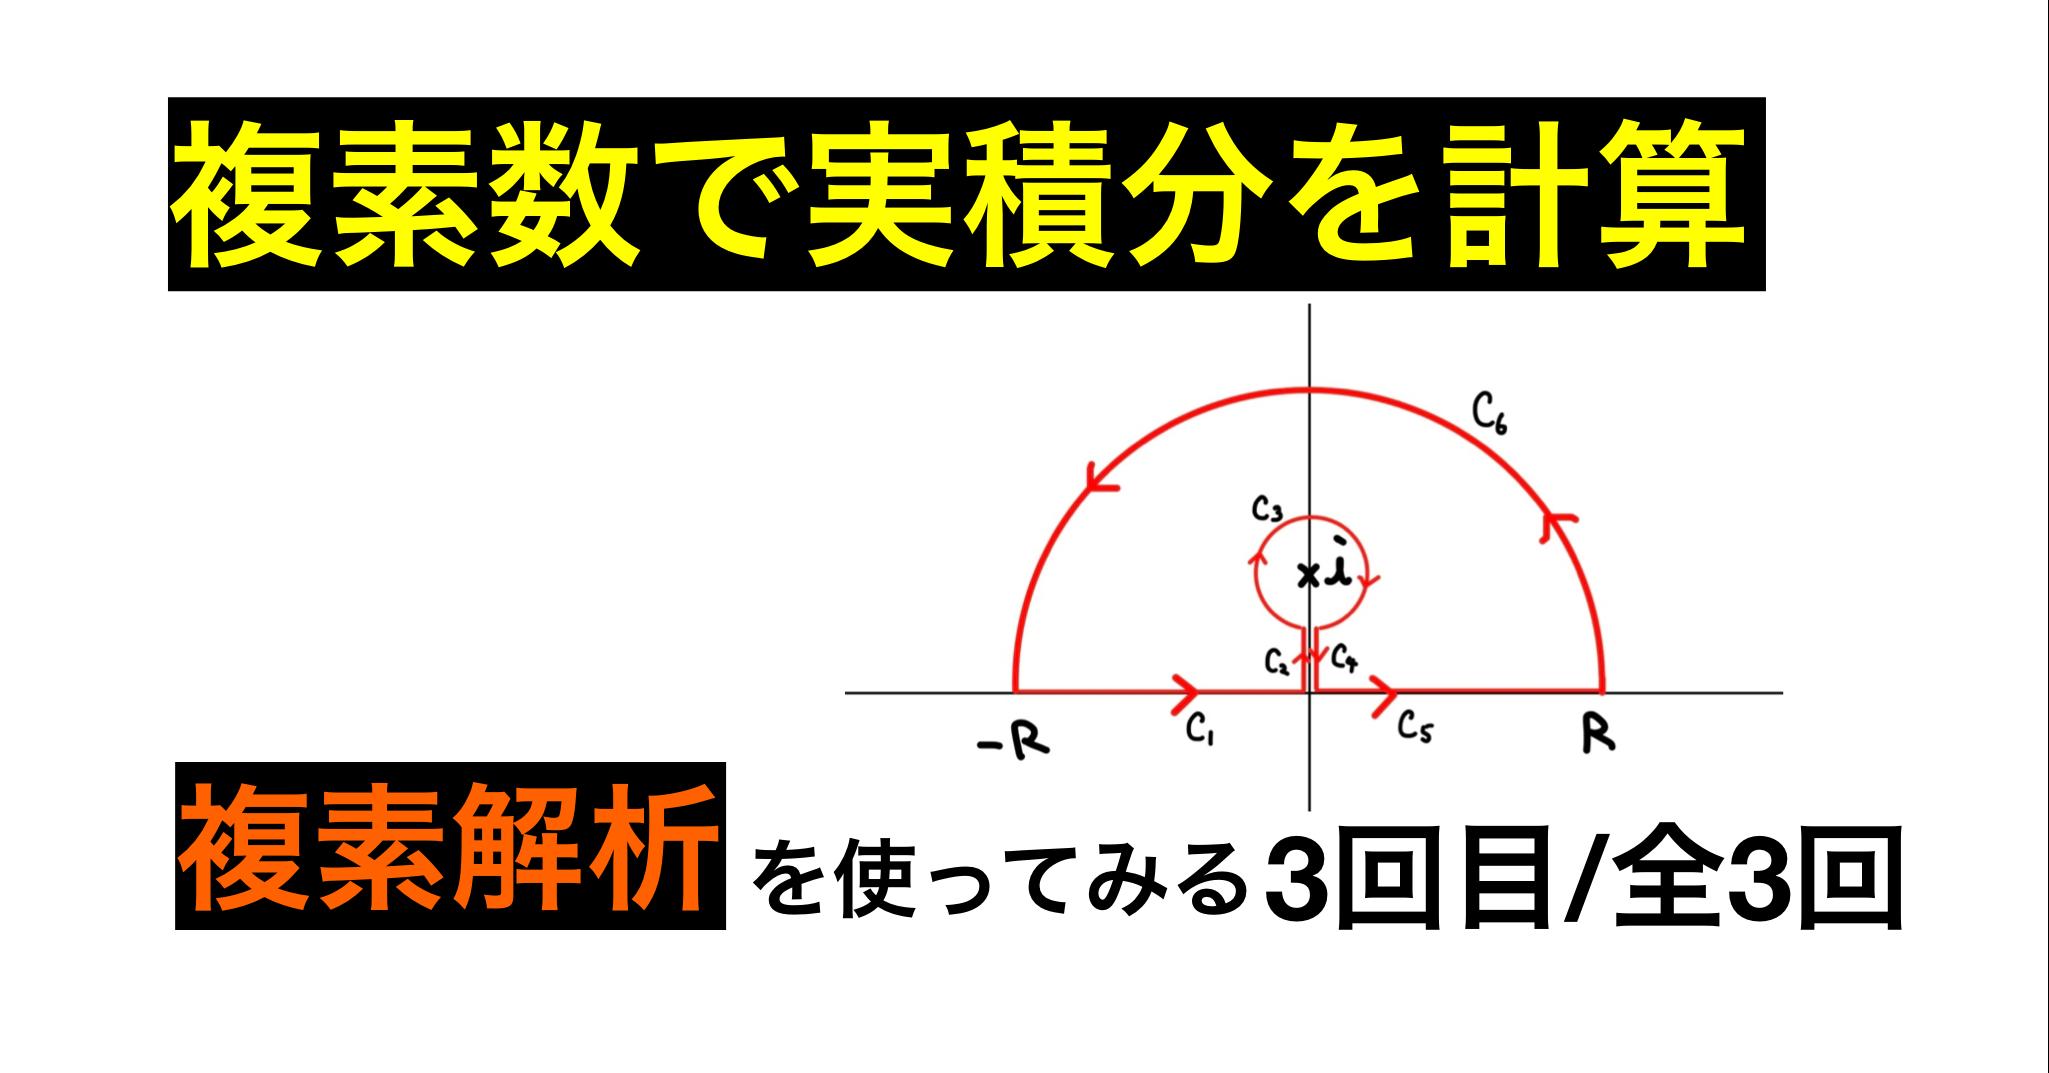 留数定理の実積分への応用【複素解析3/3】 | すうがくブログ【式変形ch】